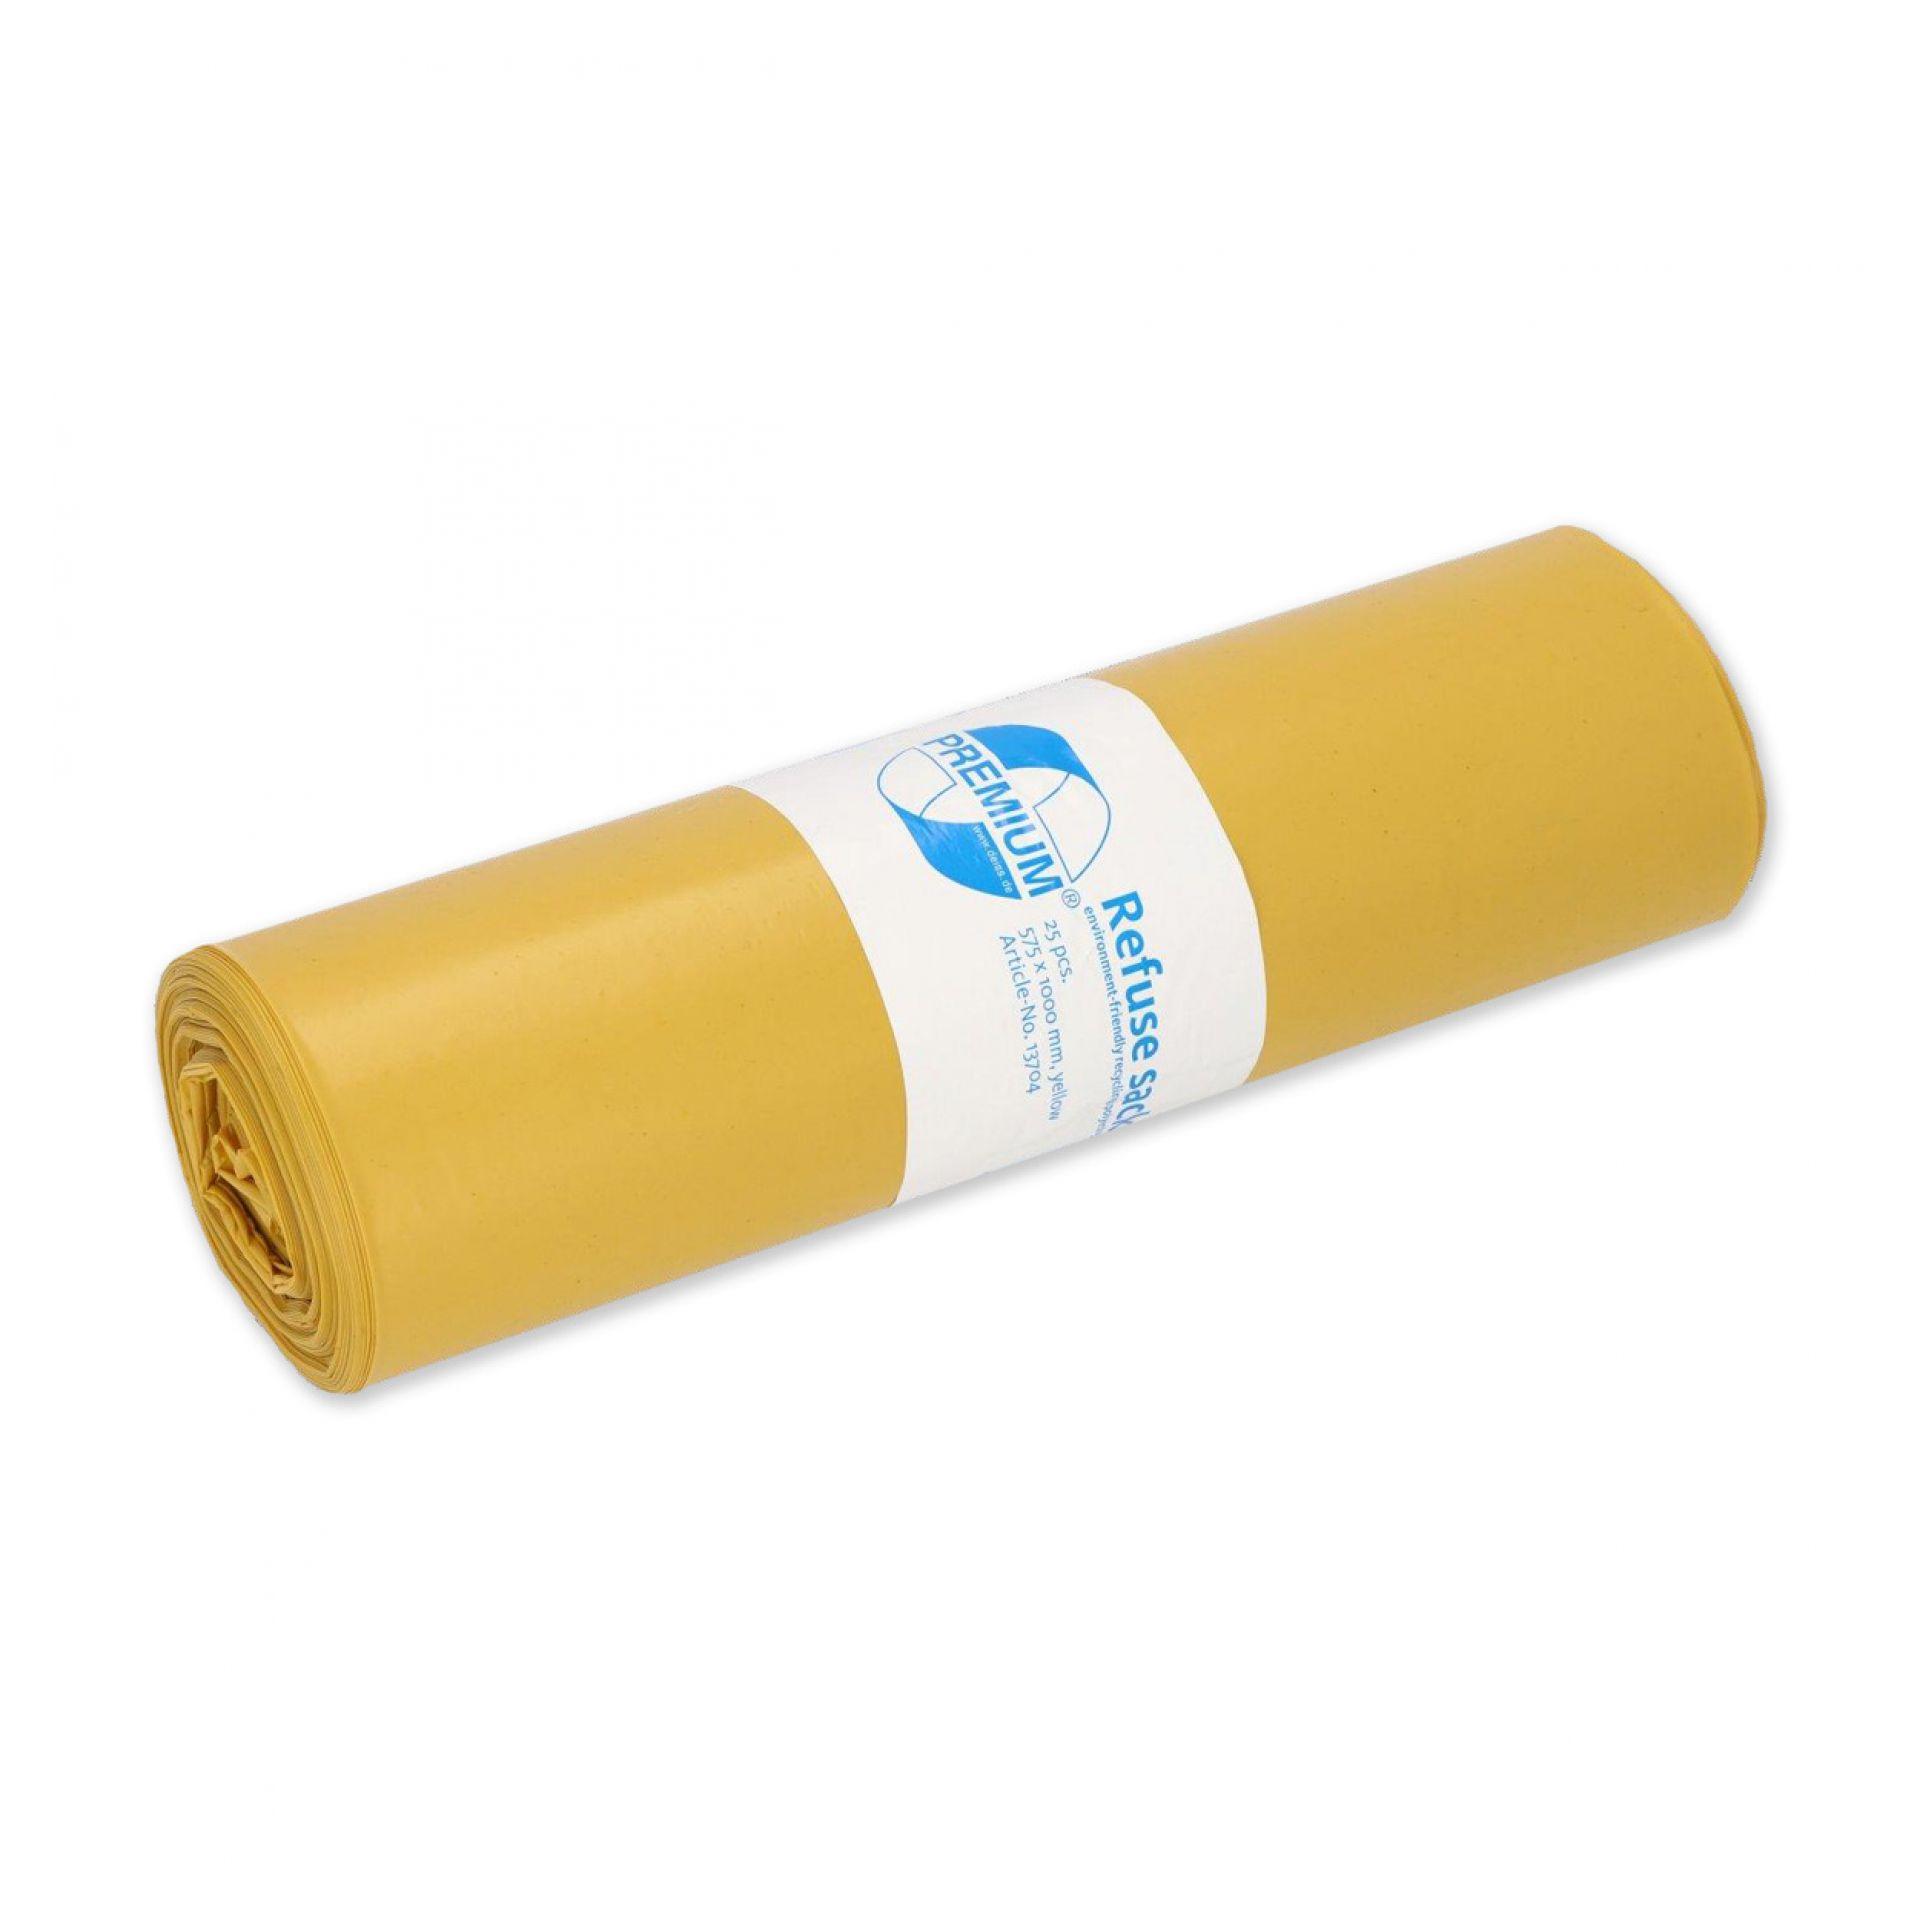 Premium Abfallsack 70 l T60 gelb - Karton mit 250 Stück